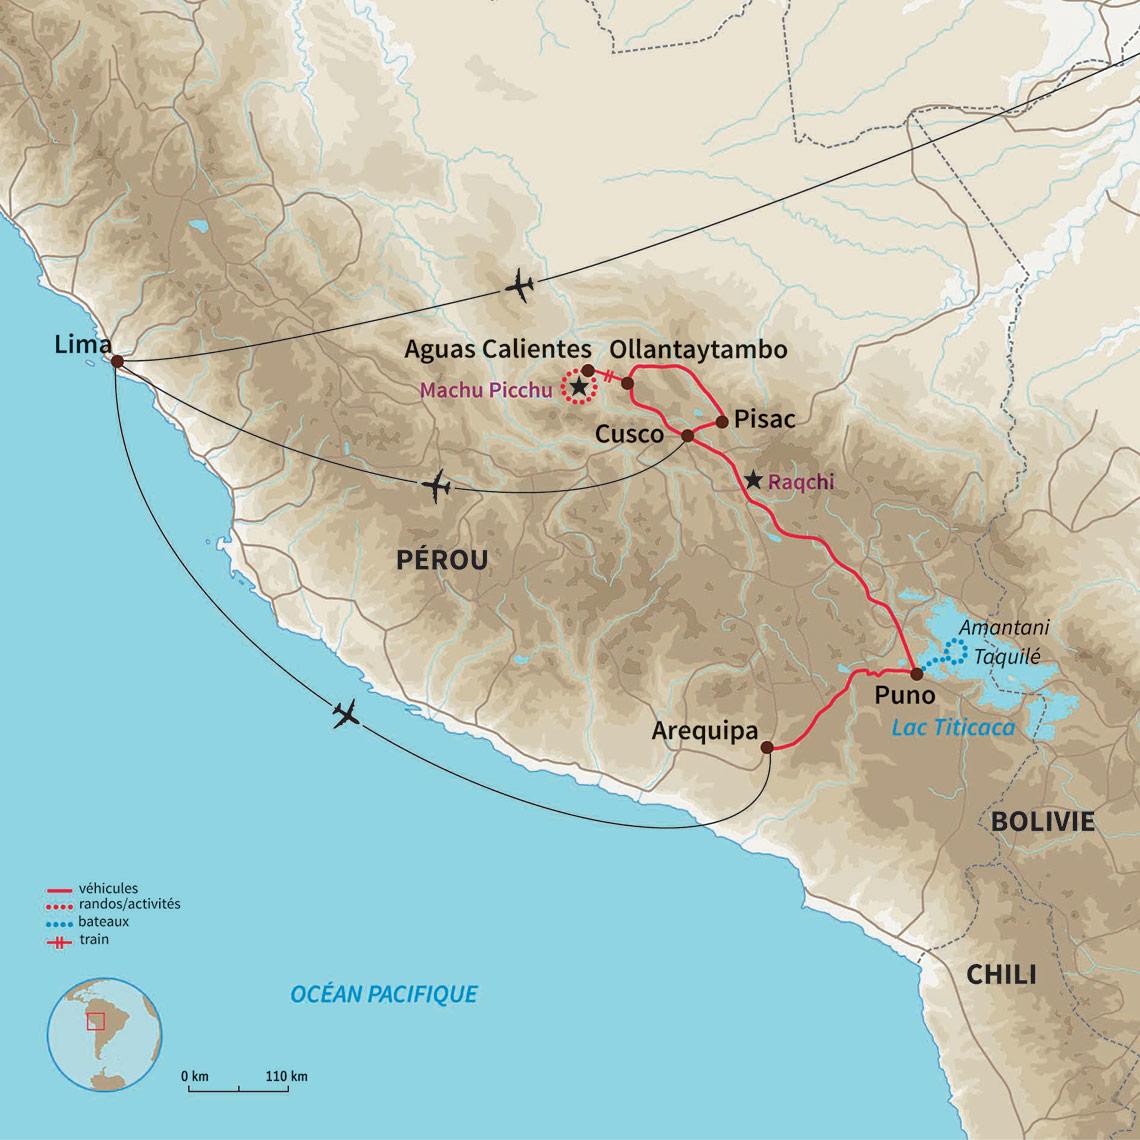 Nomade Voyage Pas Du Perou Pérou Aventure CherL'essentiel 80wPknO